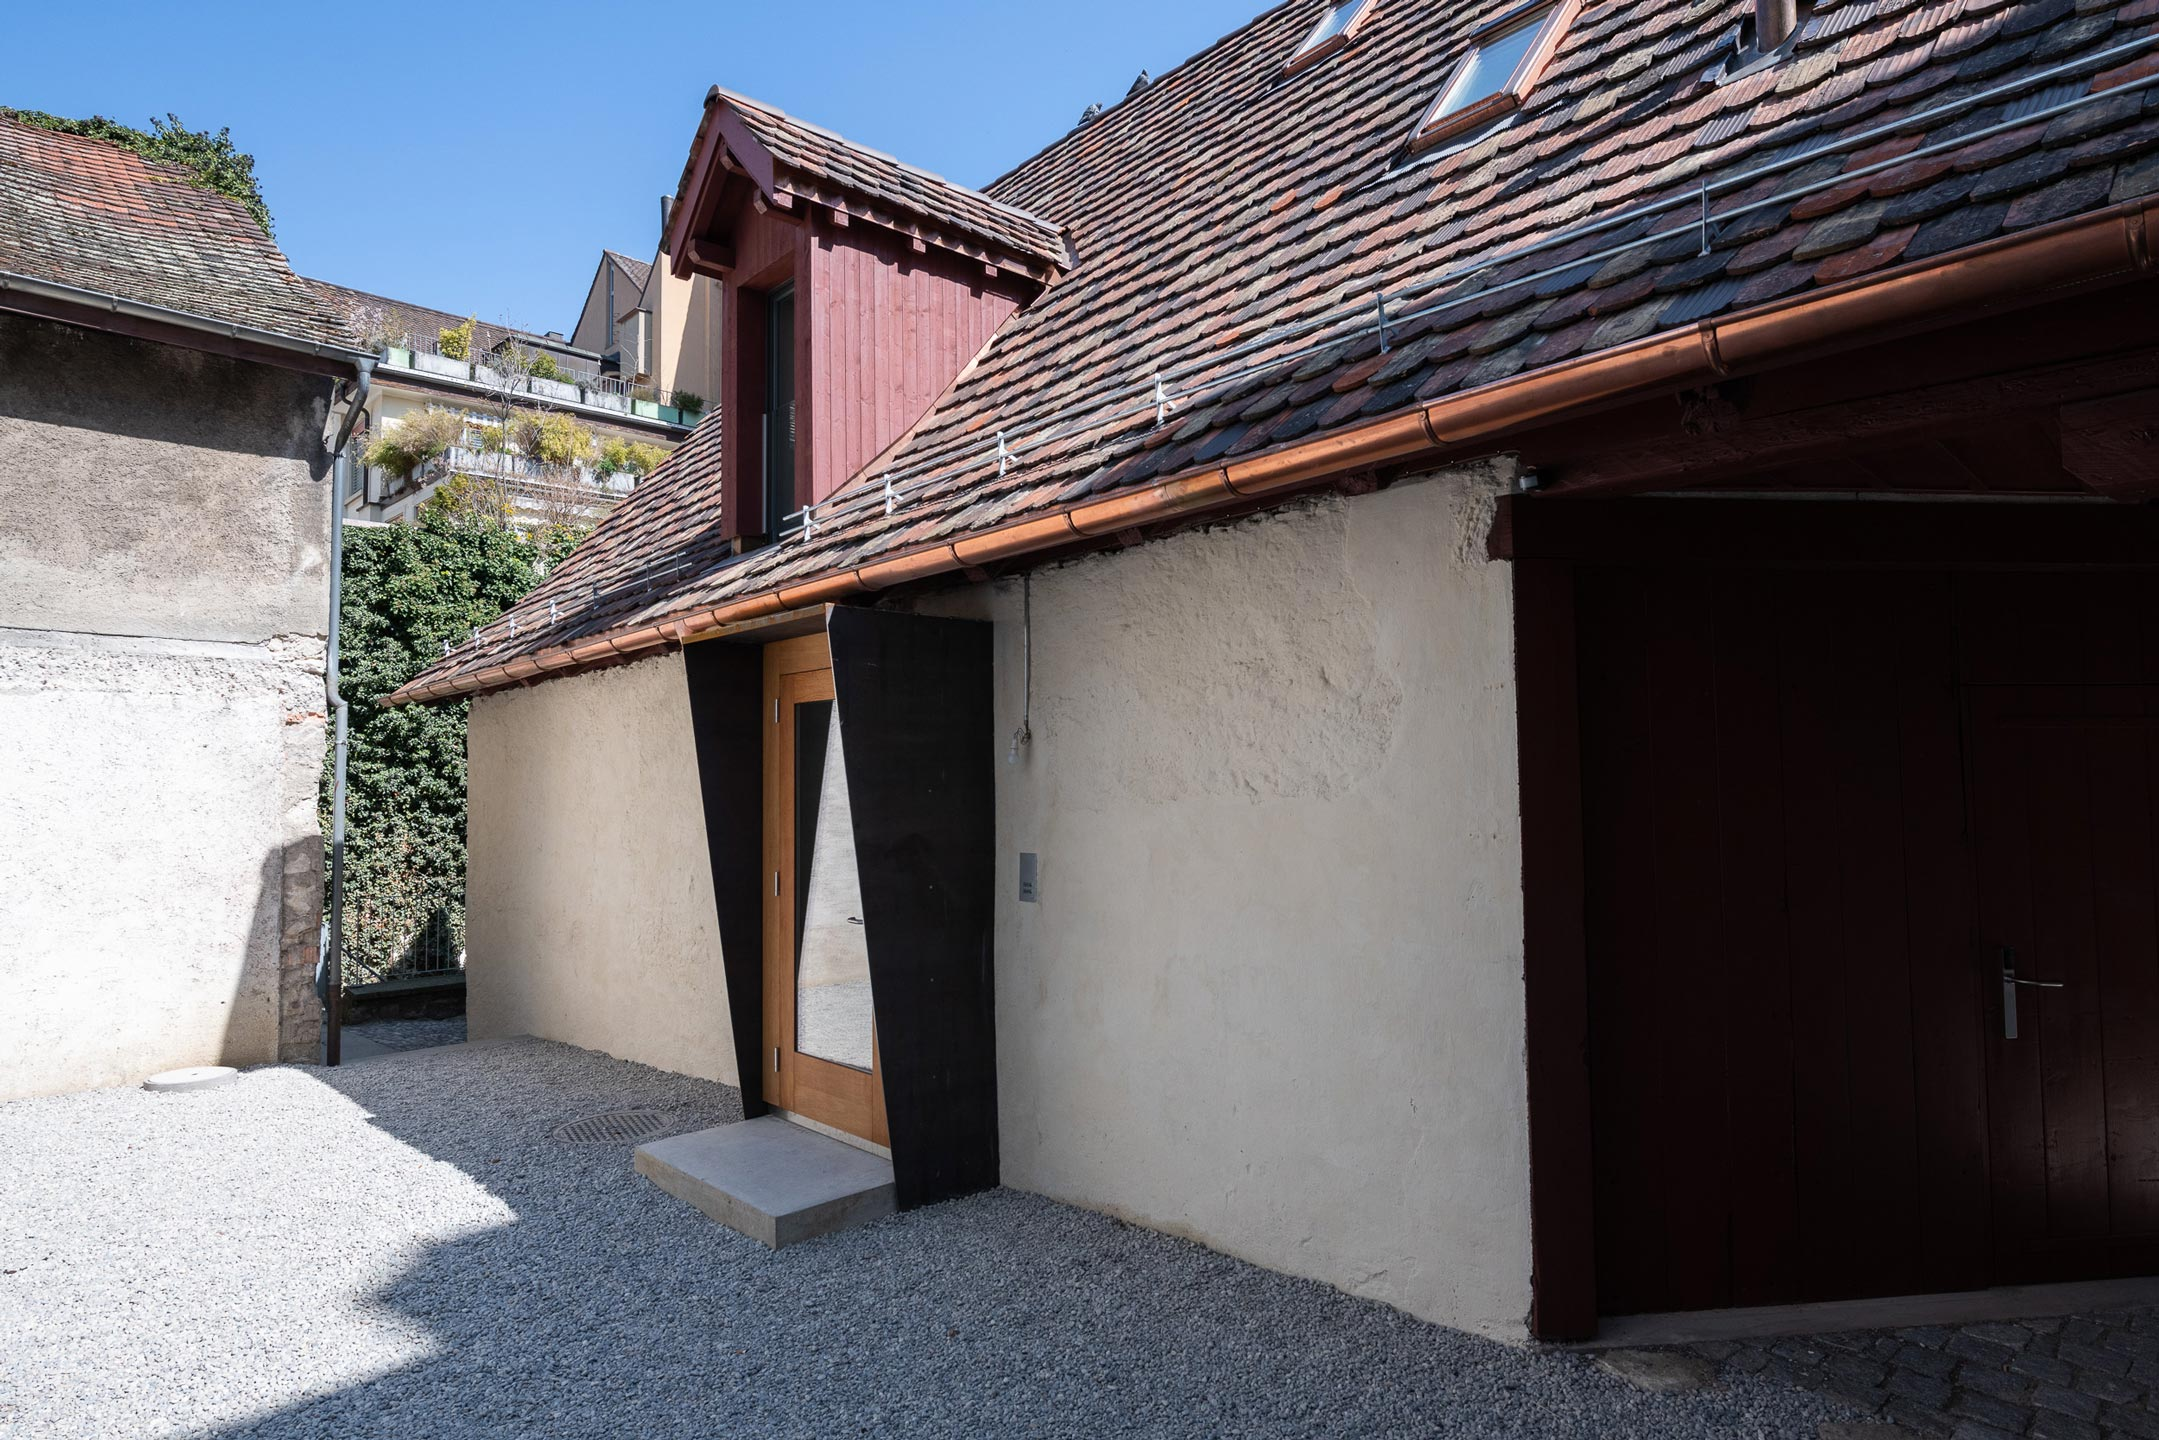 Umbau Hotel Tanne Schaffhausen Eingang Remise